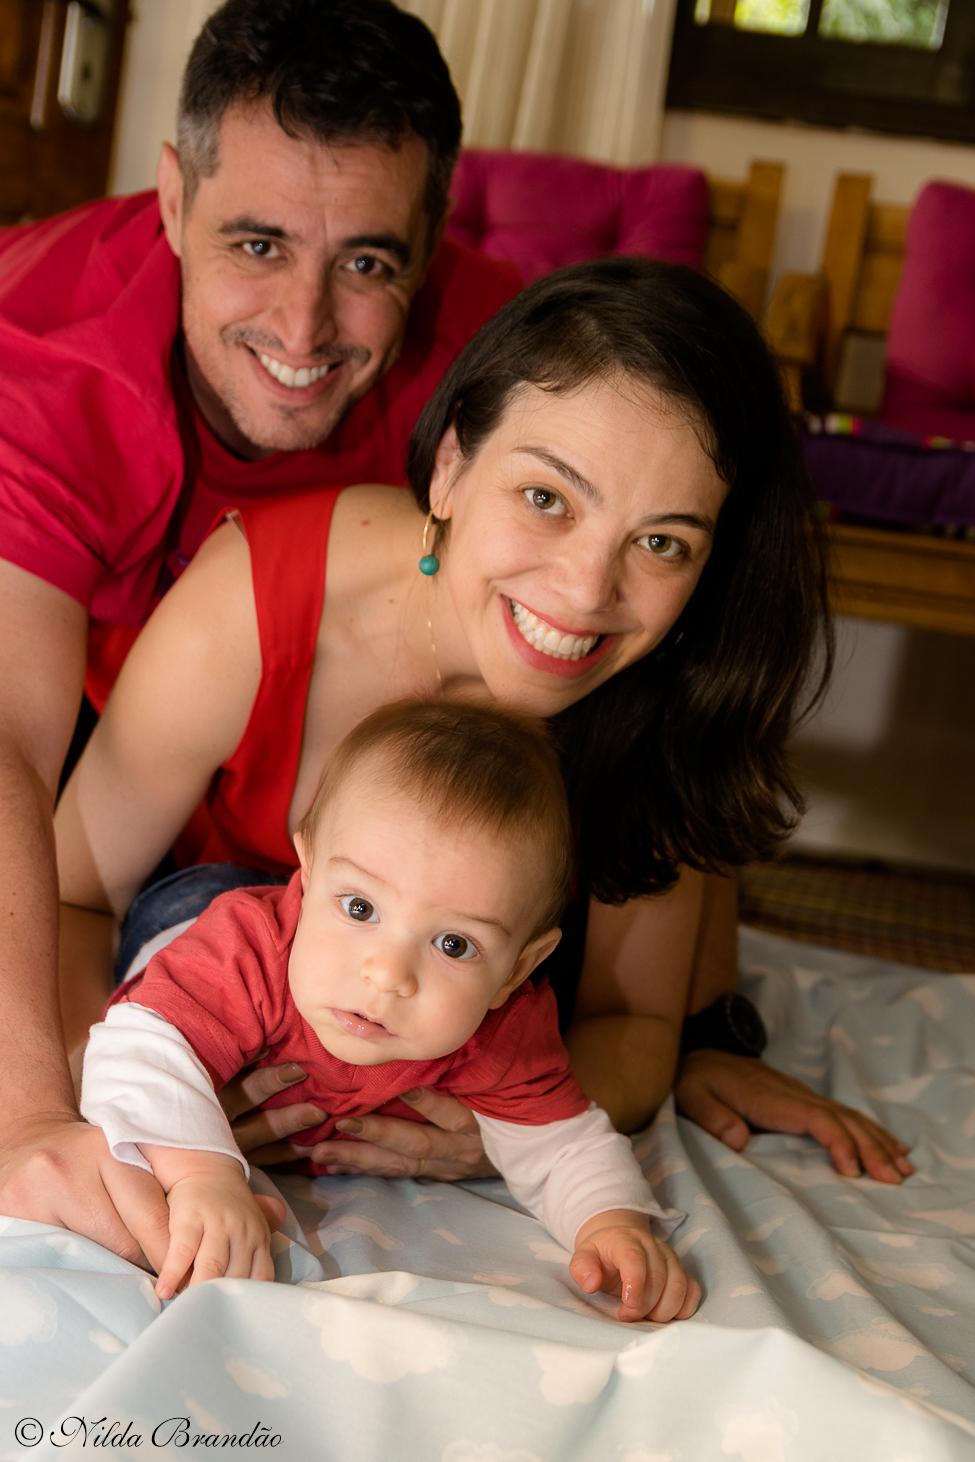 Fotografia de família. Fazer fotografias acompanhando mensalmente o crescimento do bebê é uma forma linda de recordação do primeiro ano de vida..